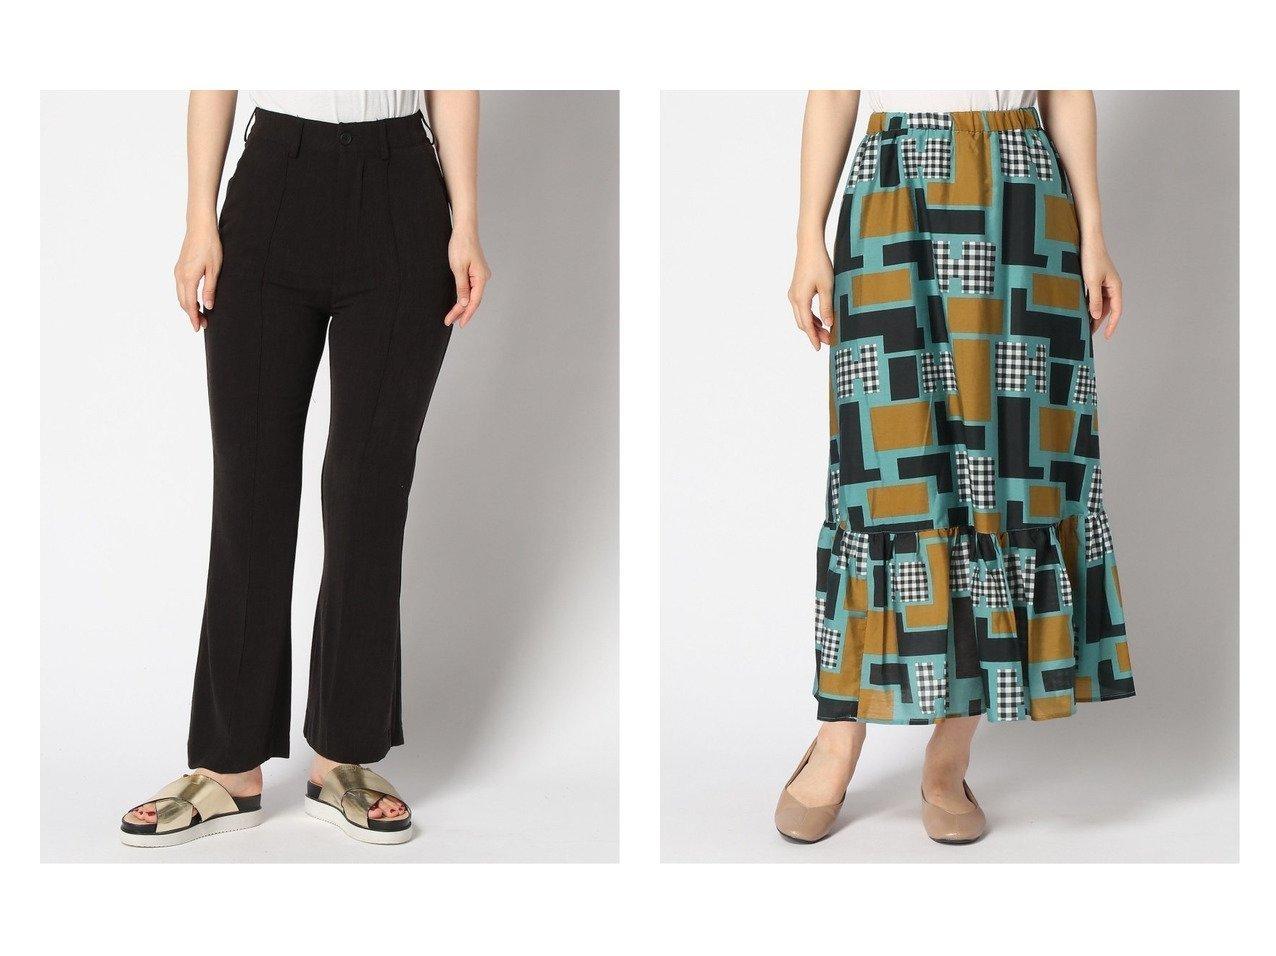 【LOWRYS FARM/ローリーズファーム】のティアードスカート&【JEANASiS/ジーナシス】のJQバックスリットフレアP おすすめ!人気、トレンド・レディースファッションの通販 おすすめで人気の流行・トレンド、ファッションの通販商品 インテリア・家具・メンズファッション・キッズファッション・レディースファッション・服の通販 founy(ファニー) https://founy.com/ ファッション Fashion レディースファッション WOMEN パンツ Pants バッグ Bag スカート Skirt ティアードスカート Tiered Skirts NEW・新作・新着・新入荷 New Arrivals ジーンズ ティアードスカート  ID:crp329100000061045